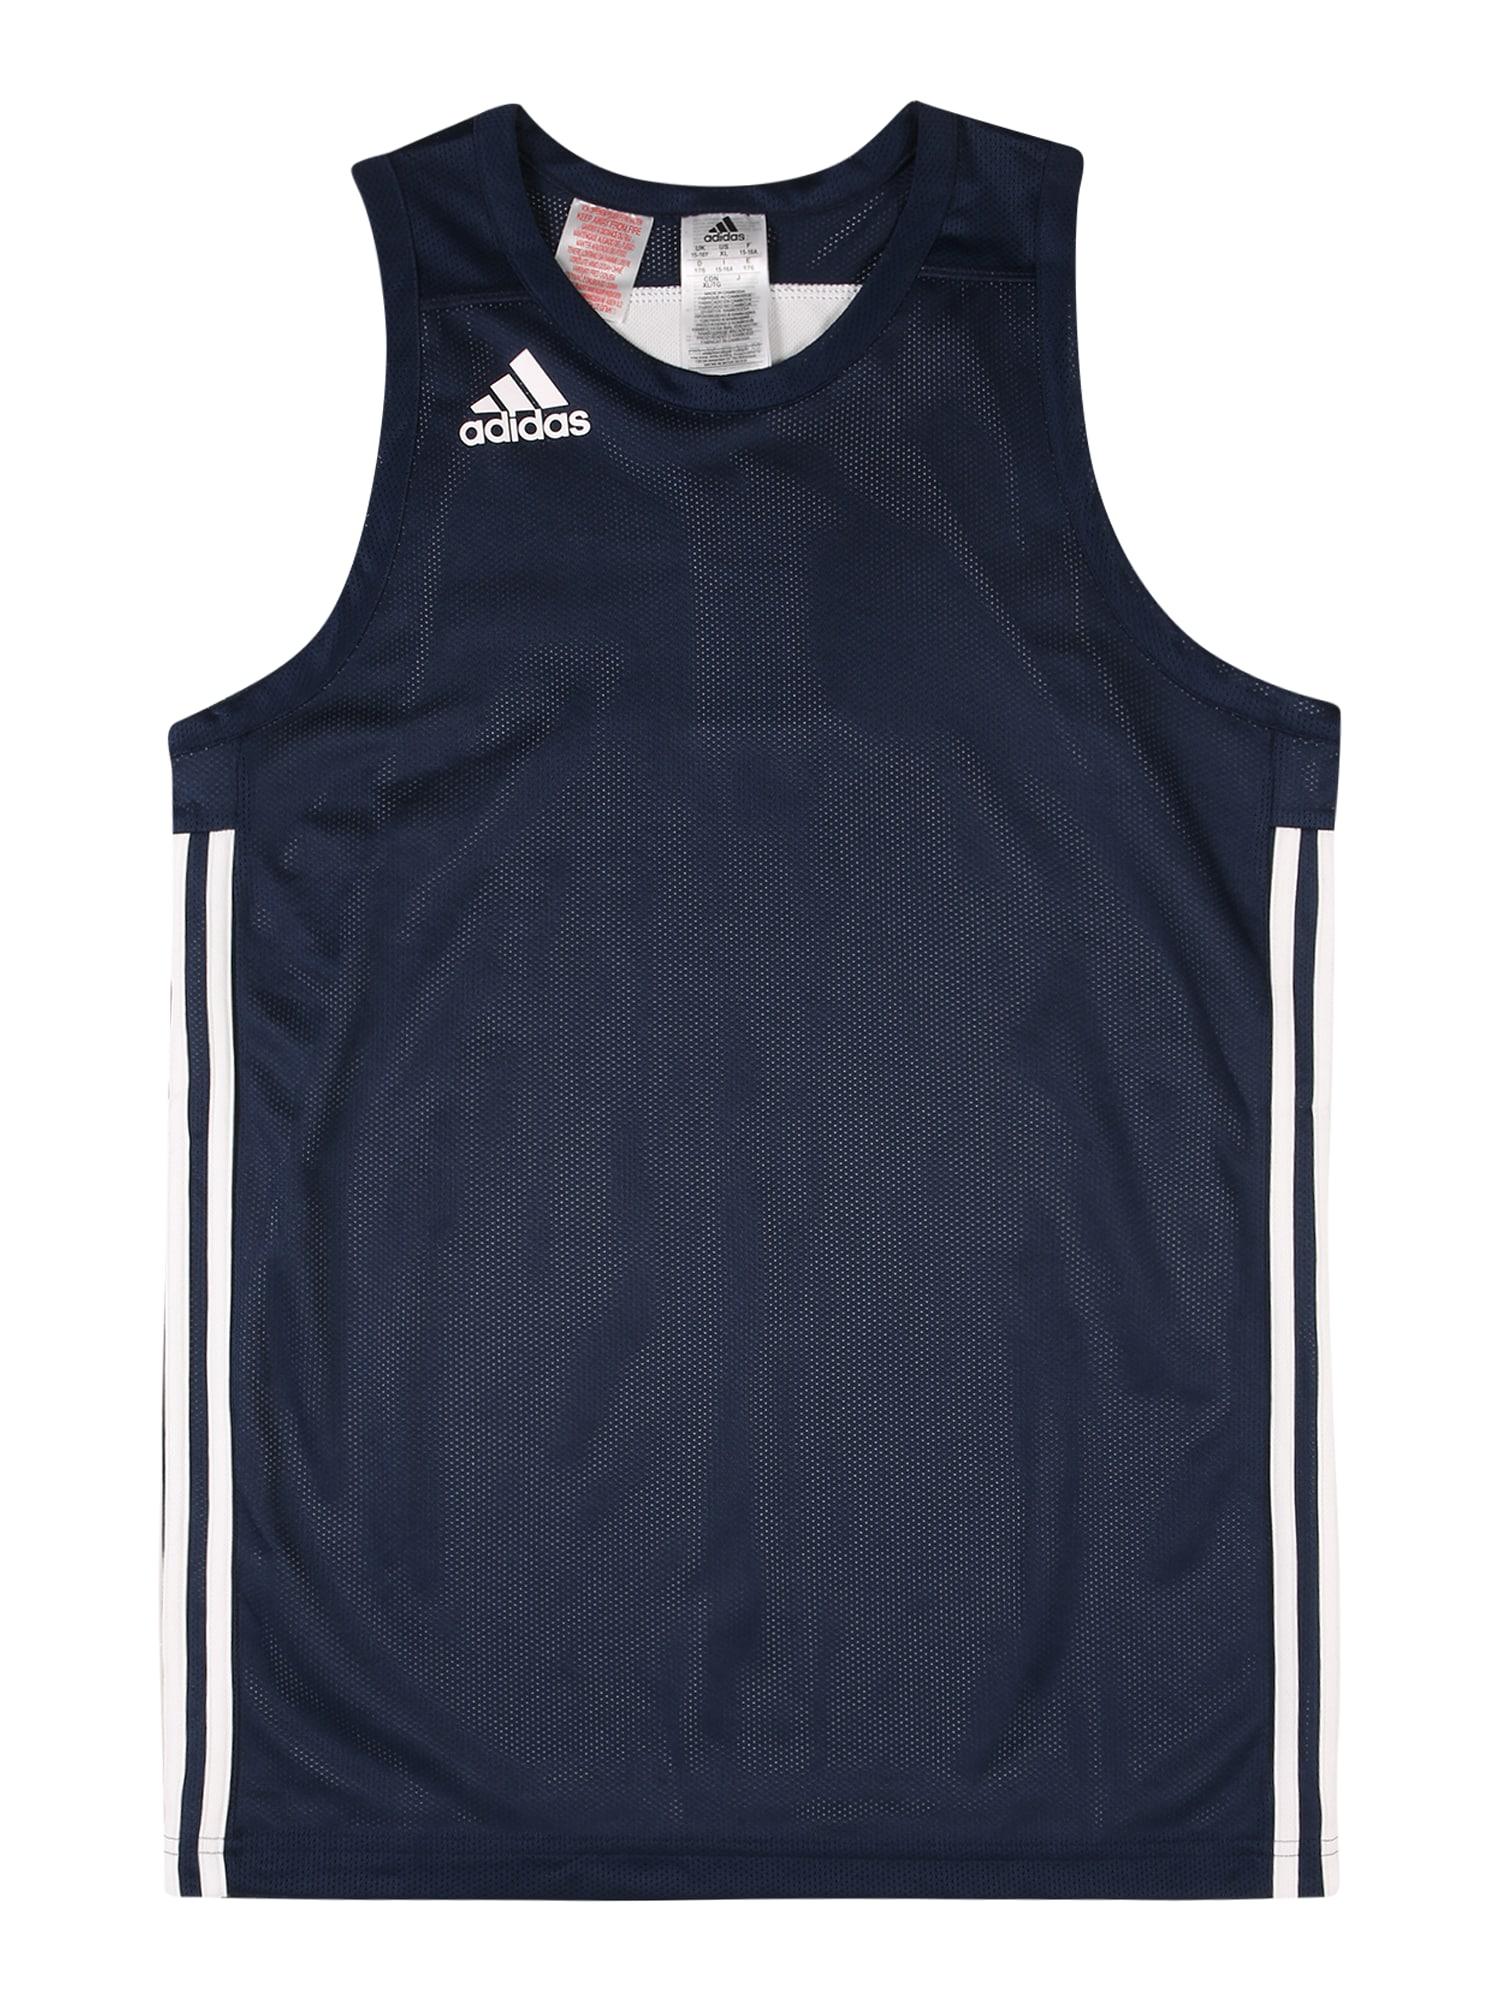 ADIDAS PERFORMANCE Funkční tričko  námořnická modř / bílá